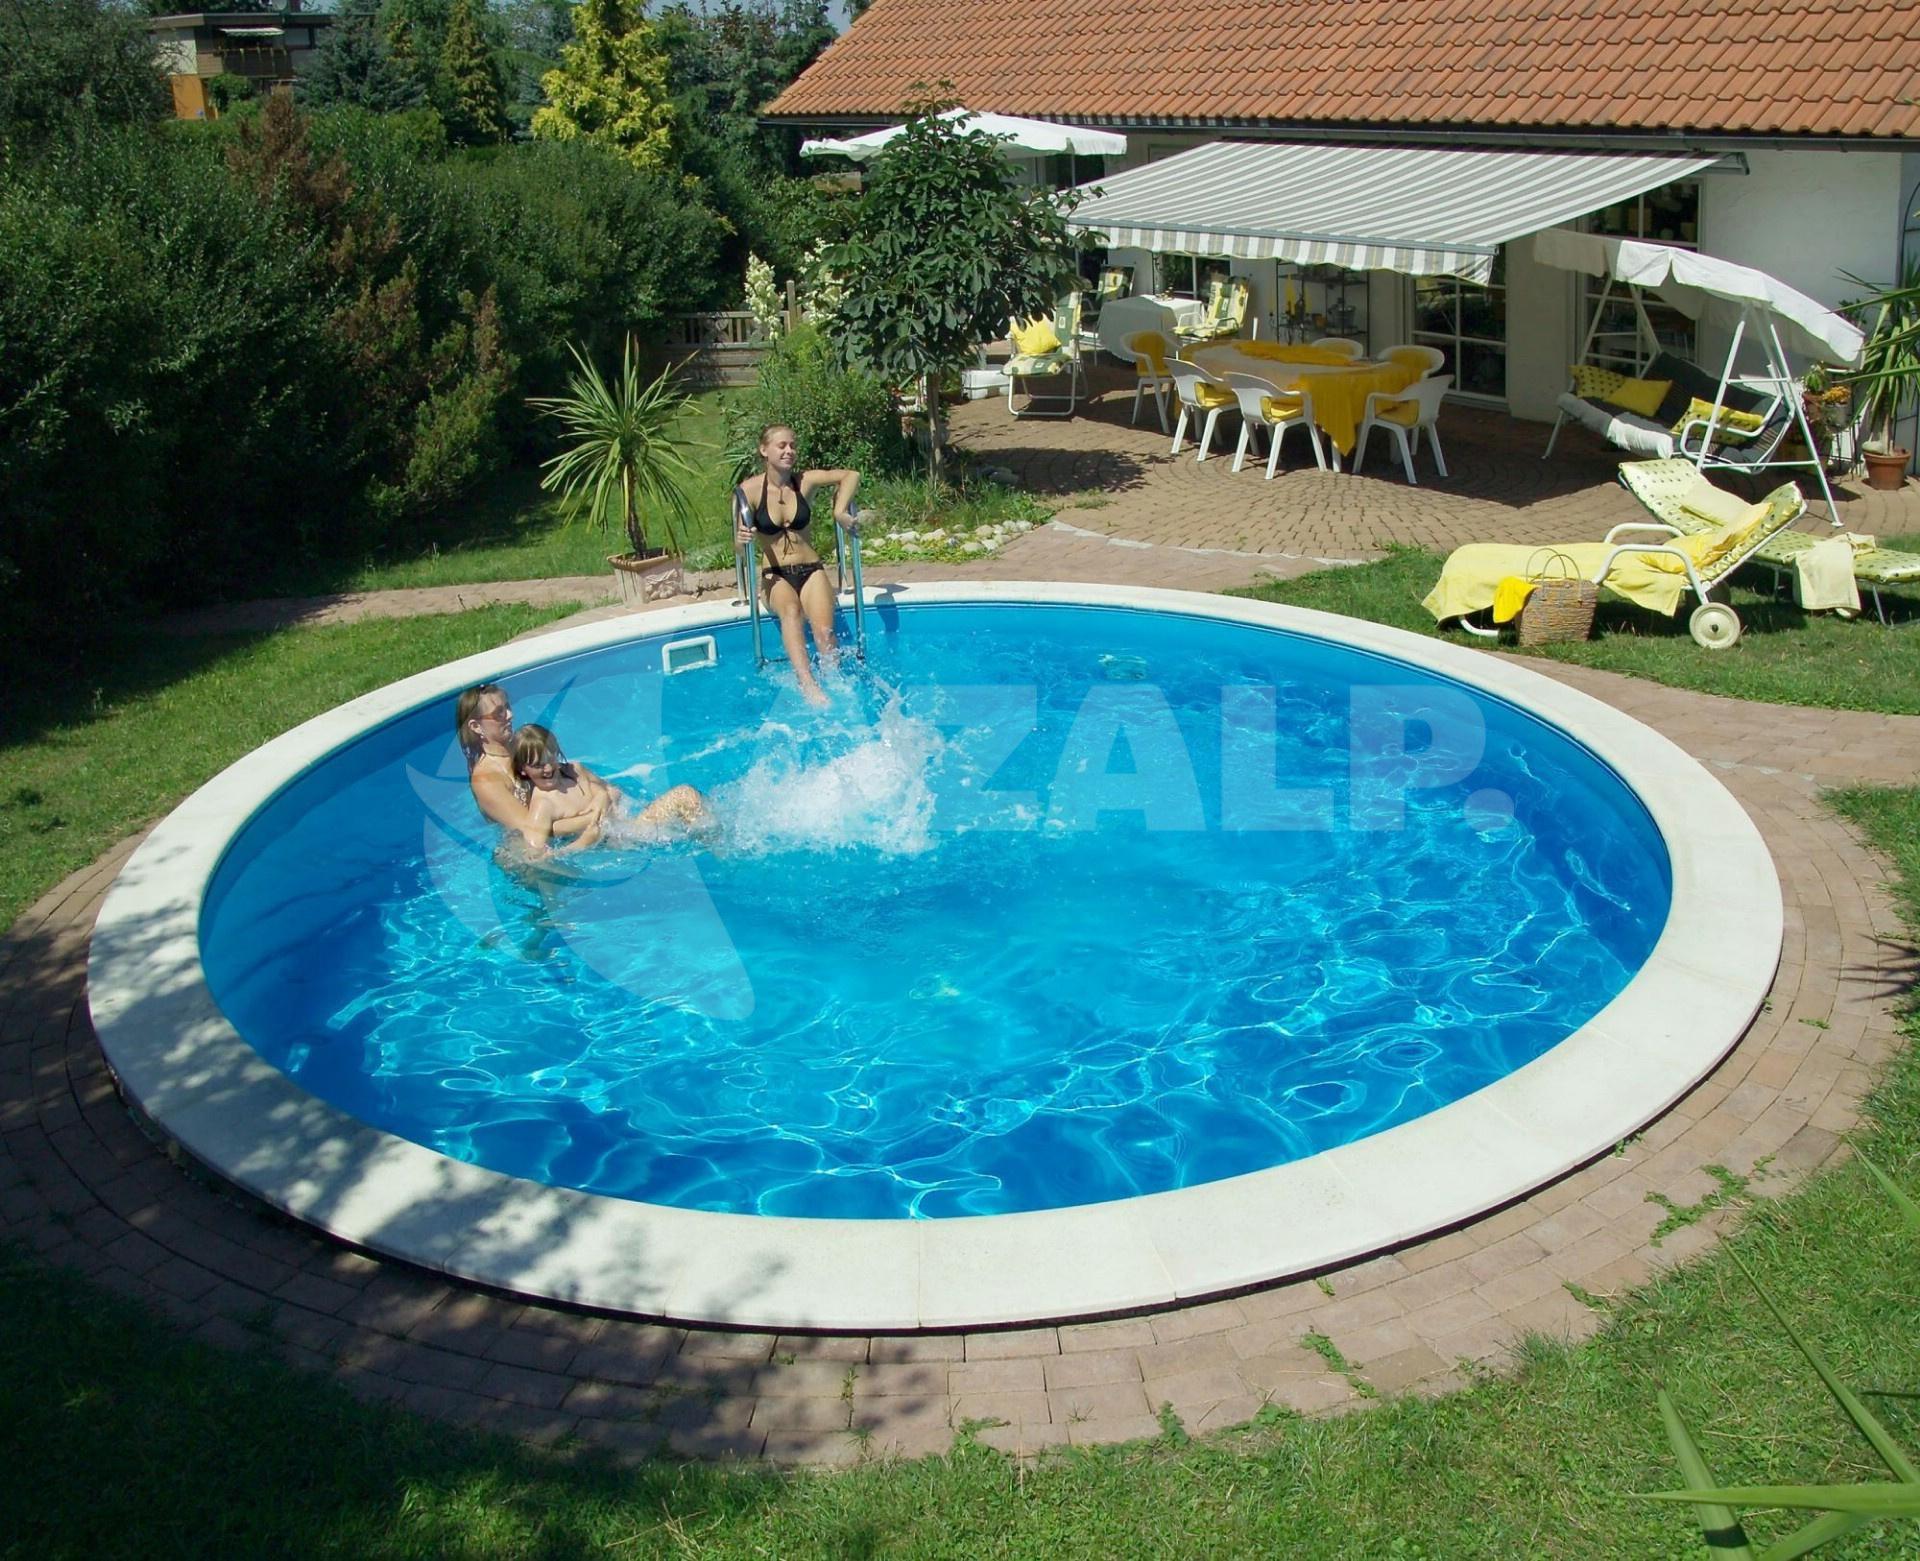 Trendpool ibiza 450 x 120 cm liner 0 8 mm kopen bij for Inbouw zwembad compleet